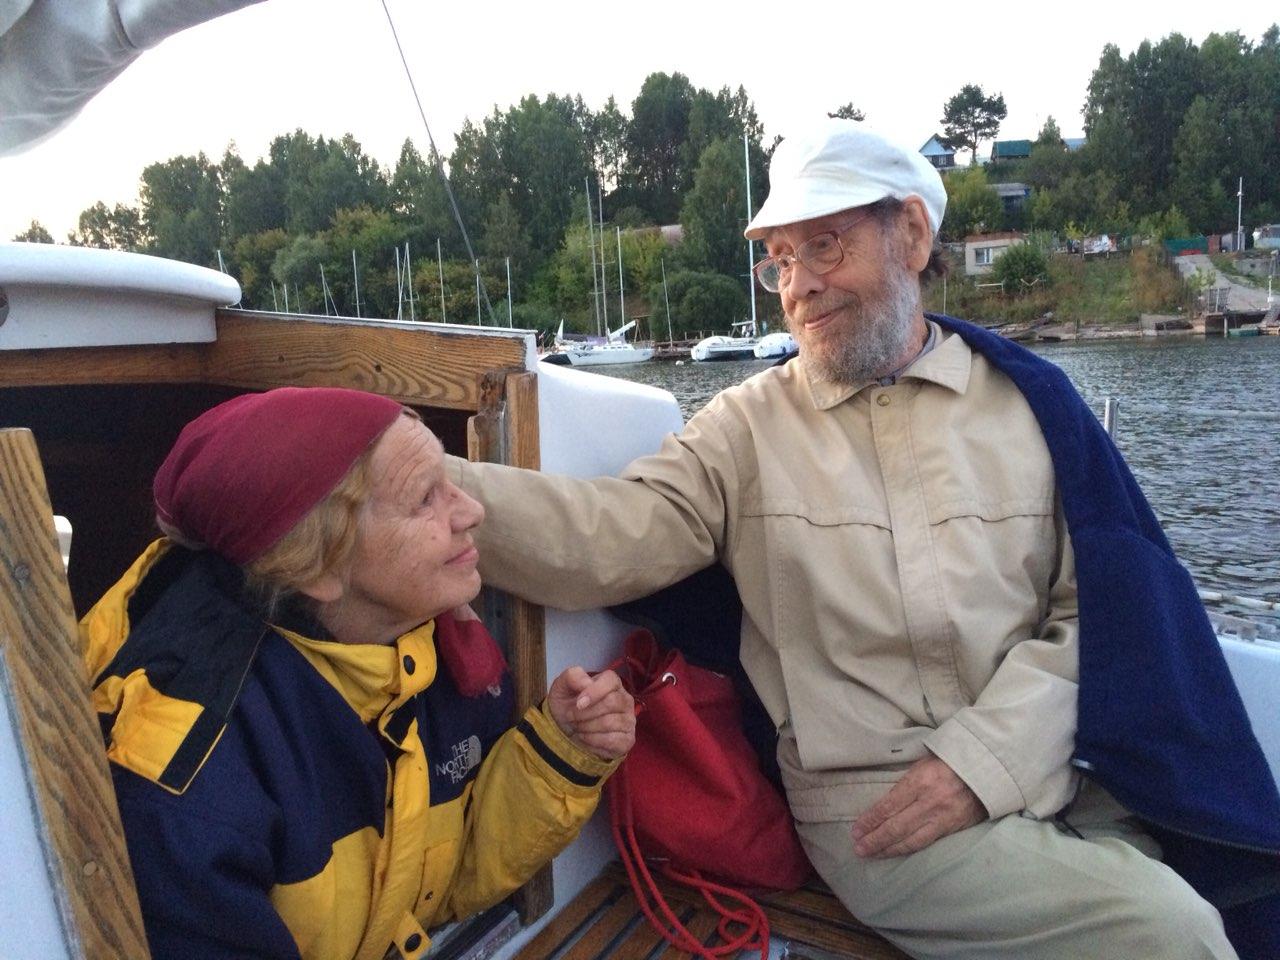 Годовщина совместной жизни на яхте пермь